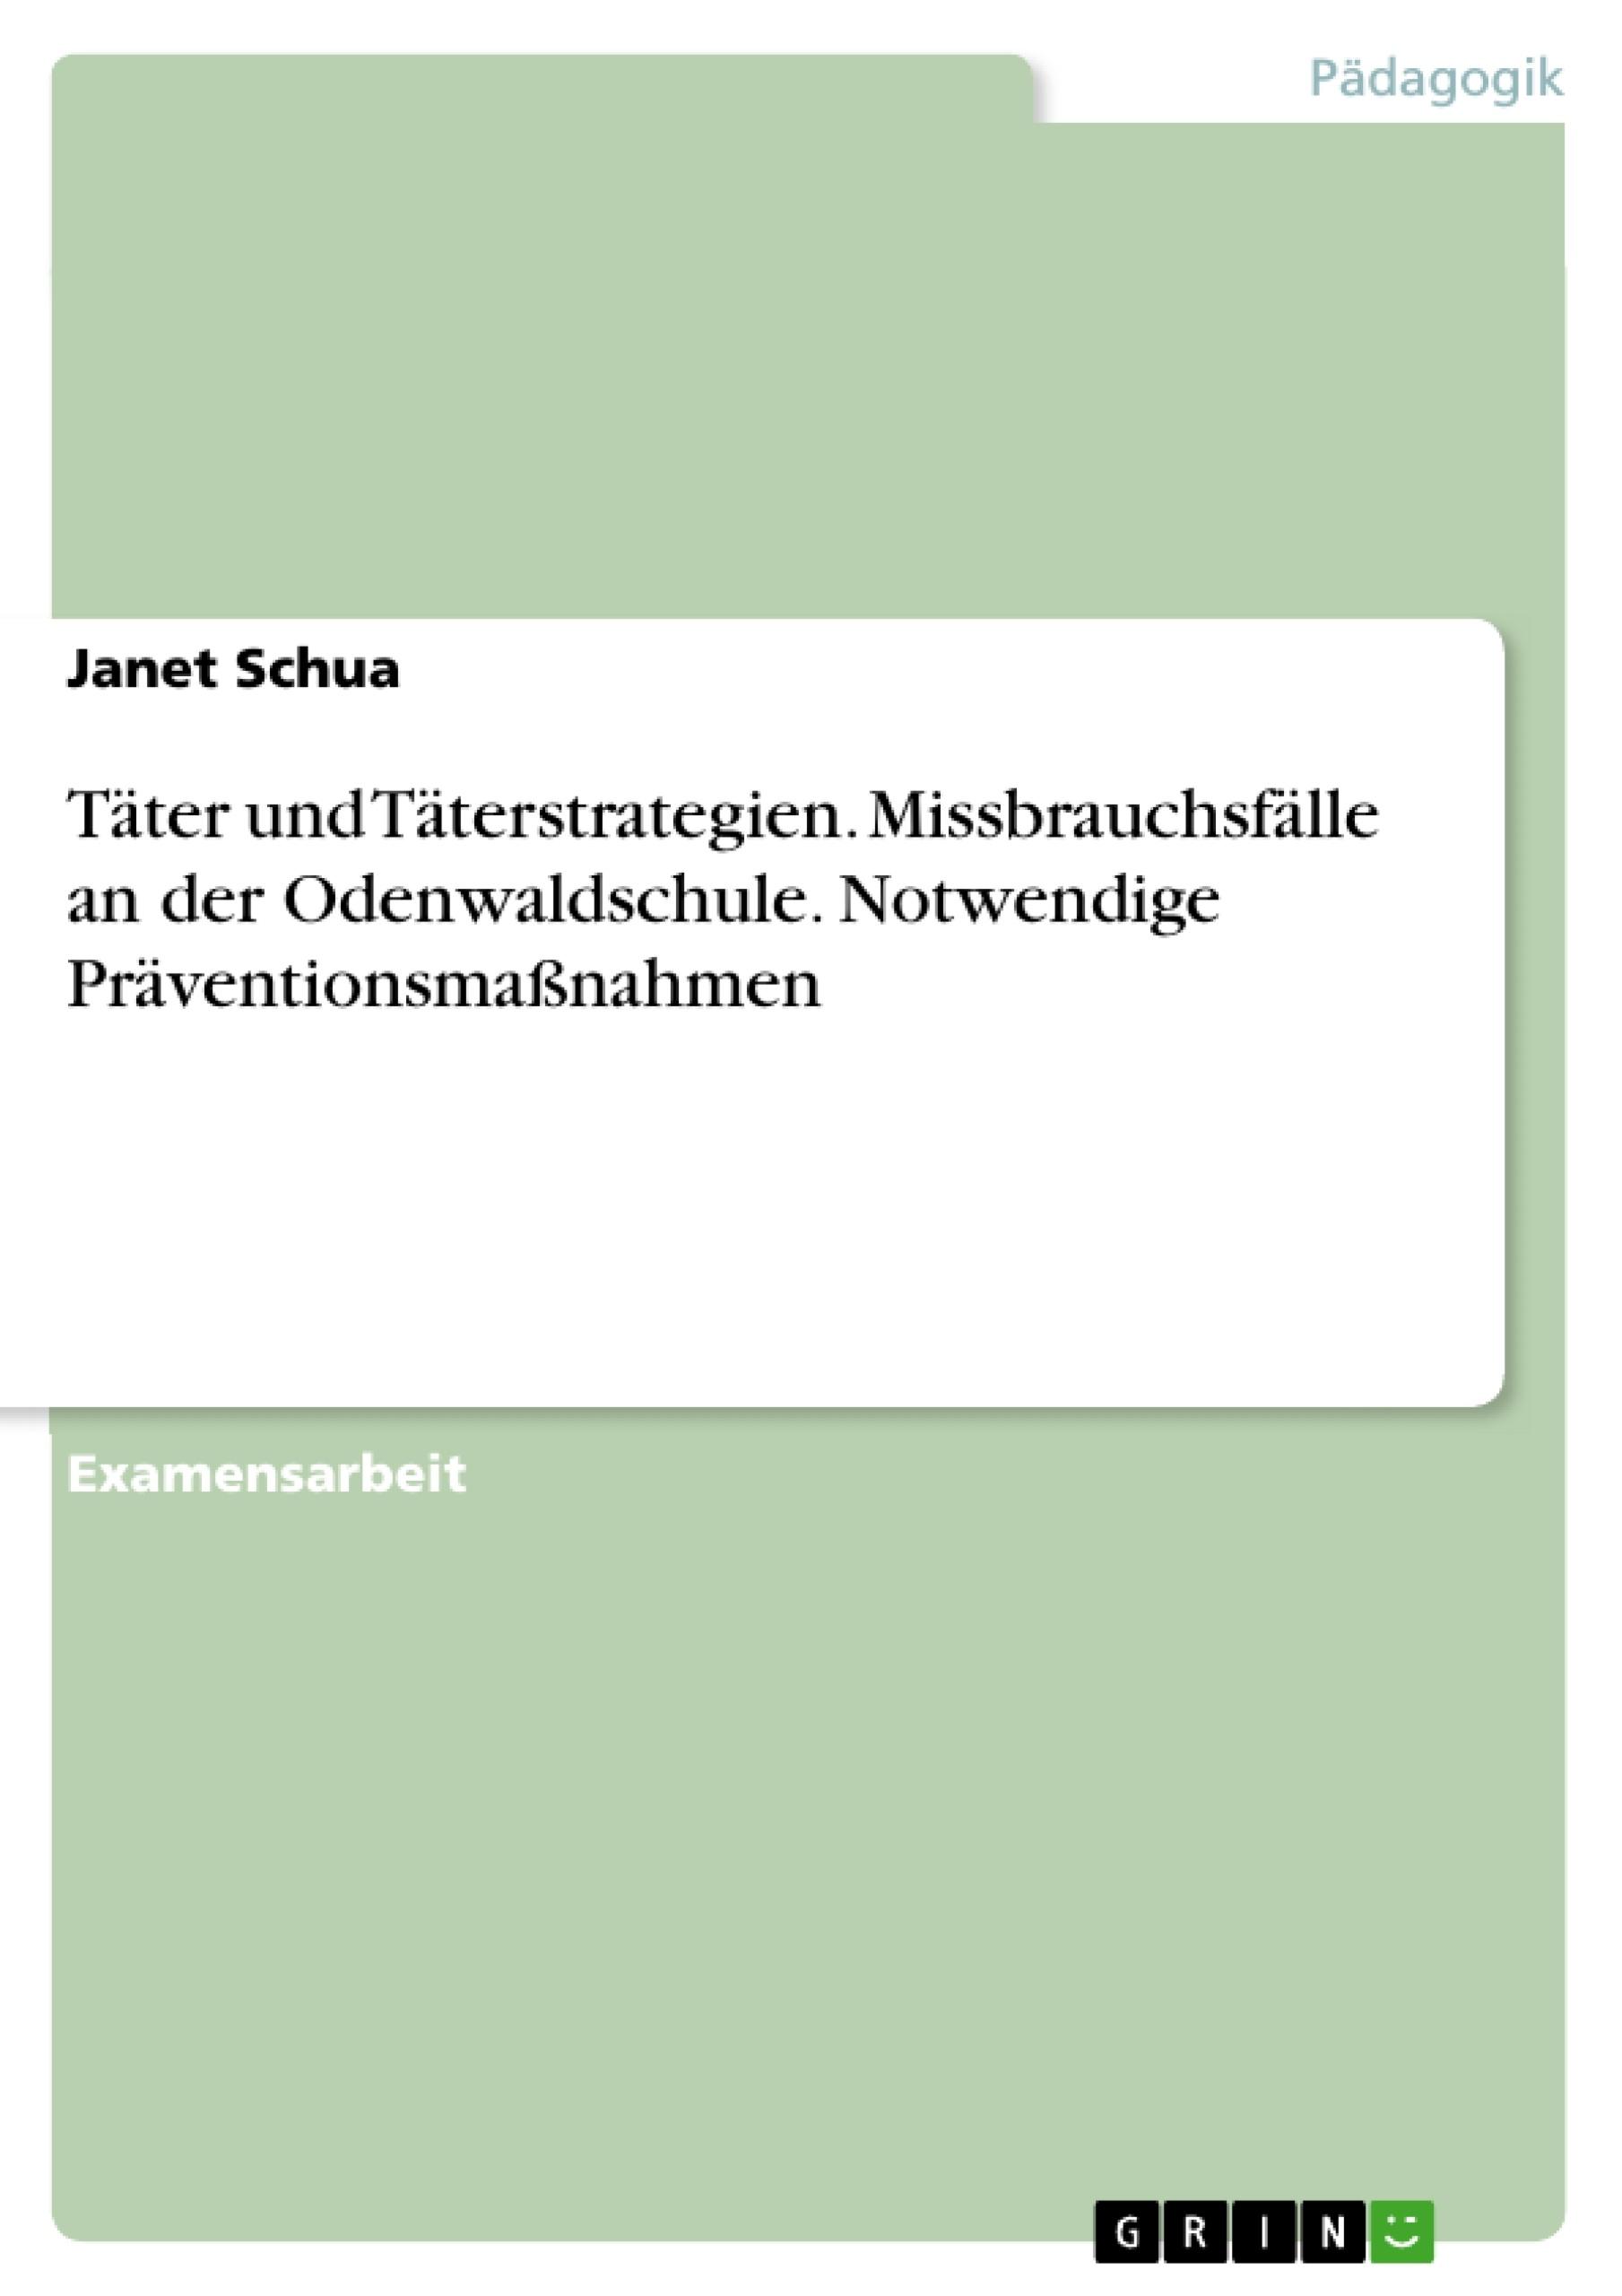 Titel: Täter und Täterstrategien. Missbrauchsfälle an der Odenwaldschule. Notwendige Präventionsmaßnahmen